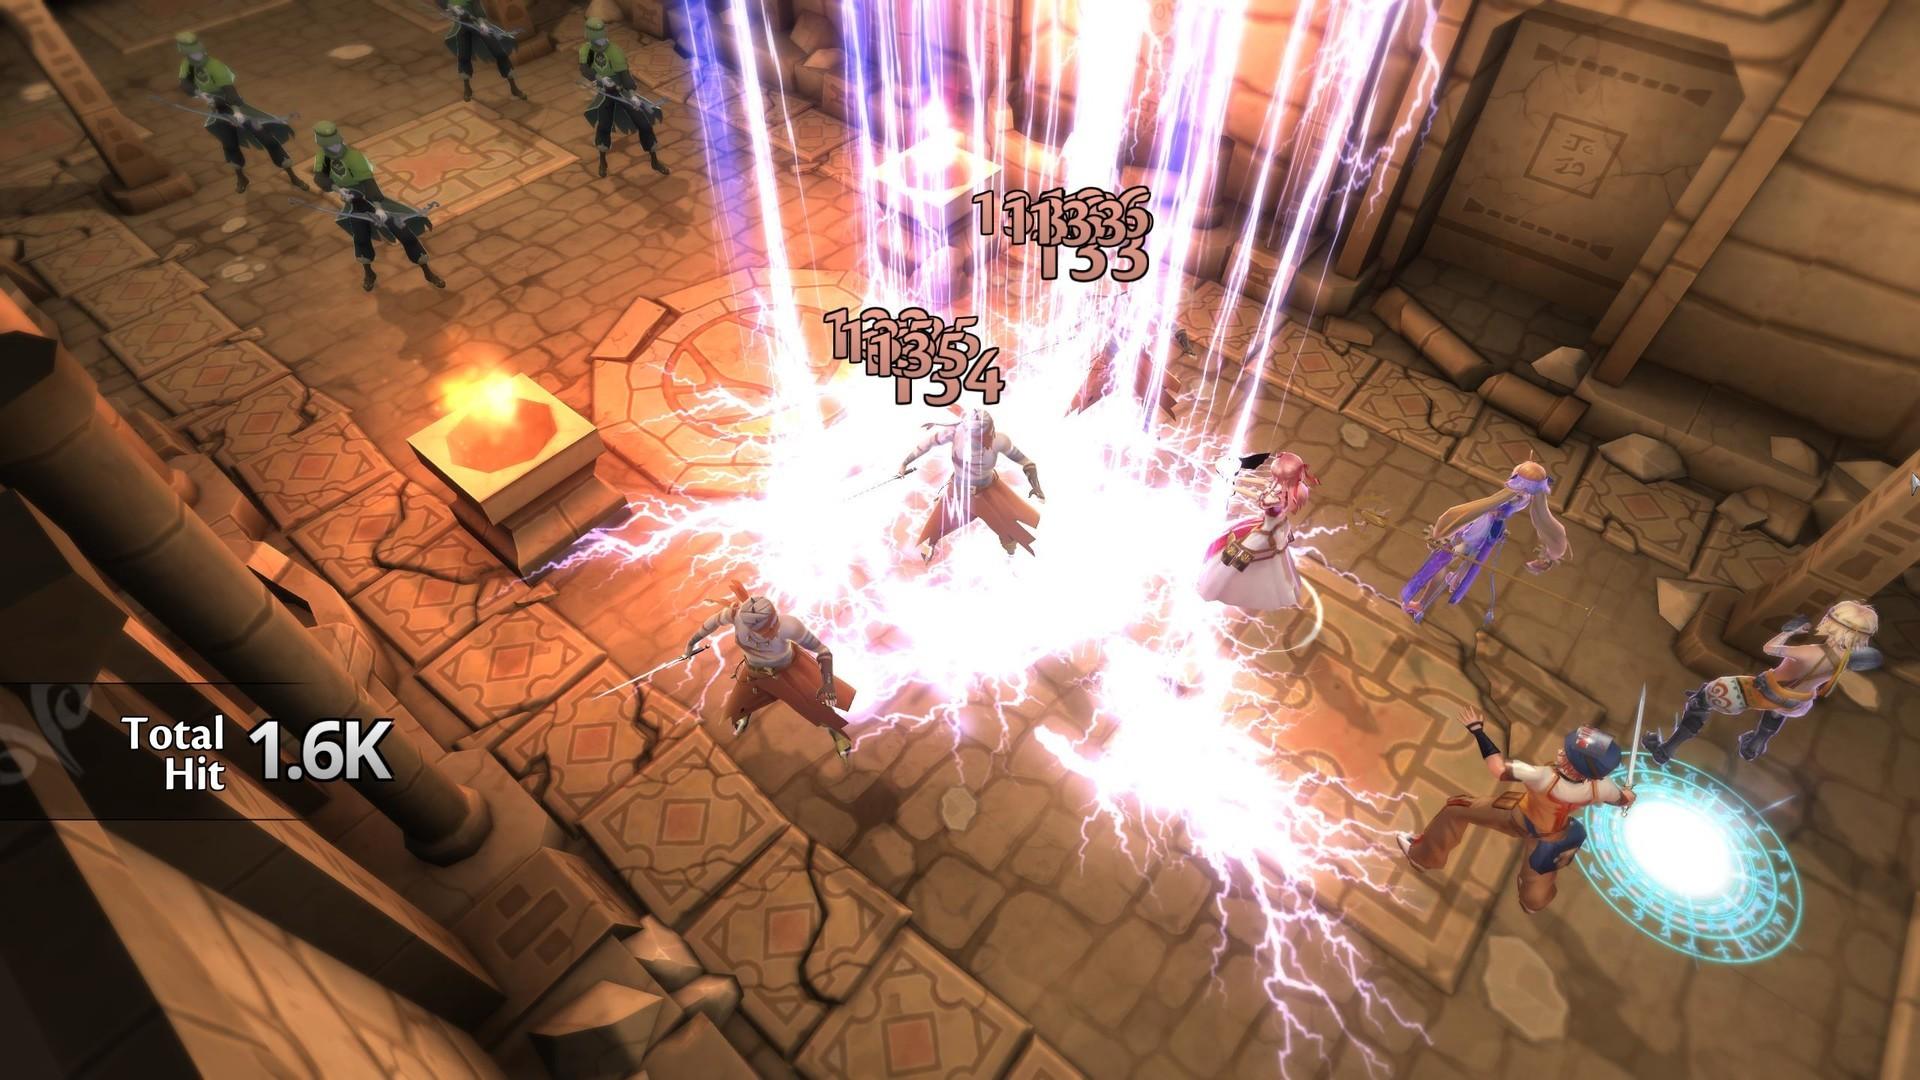 回合制游戏《艾维雅之泪》将于9月24日在Steam平台发售